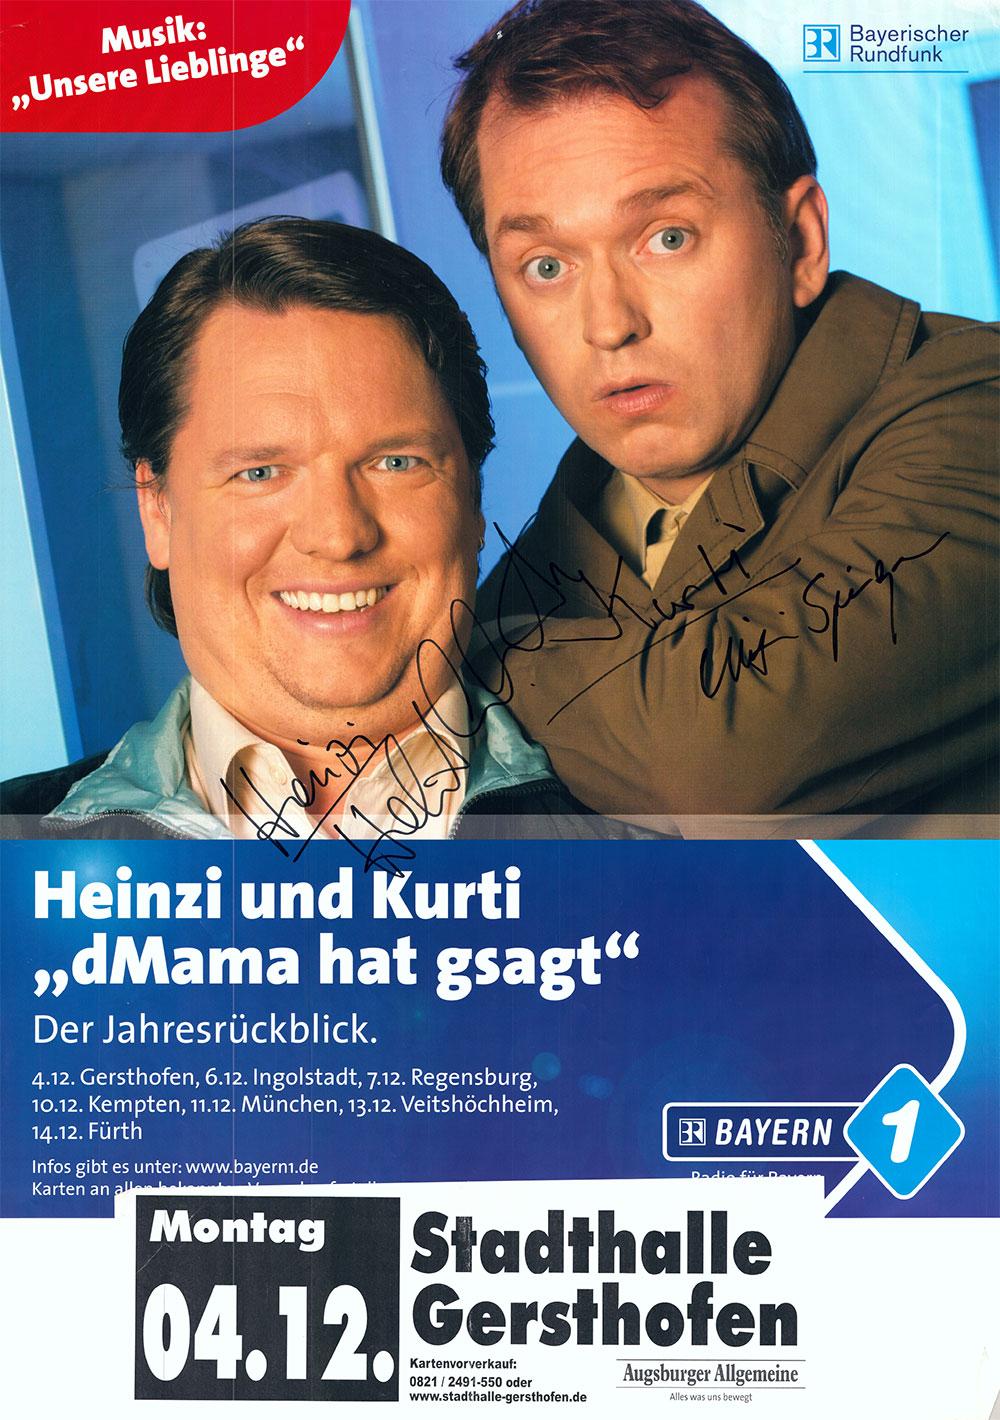 Vor 20 Jahren waren Helmut Schleich und Christian Springer